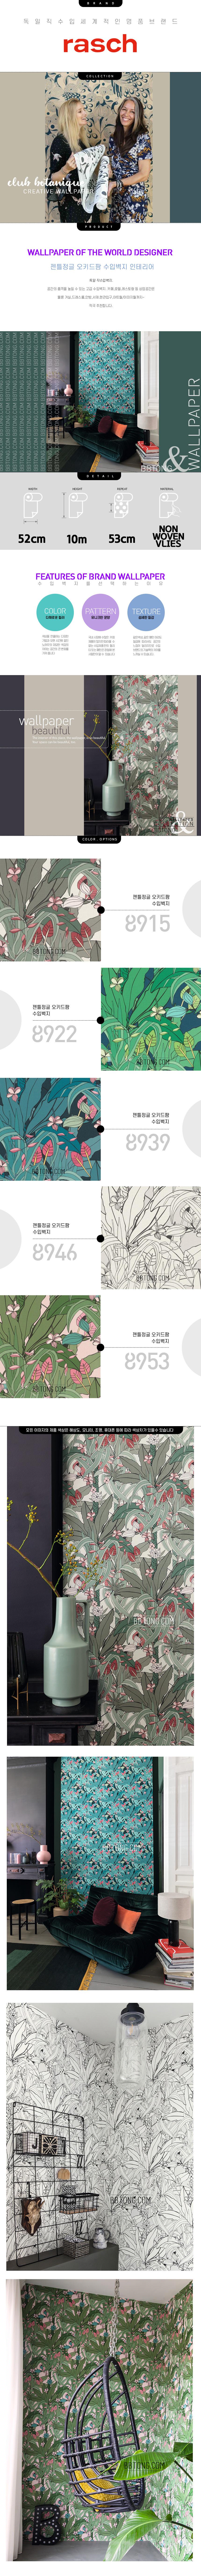 젠틀정글오키드팜.jpg